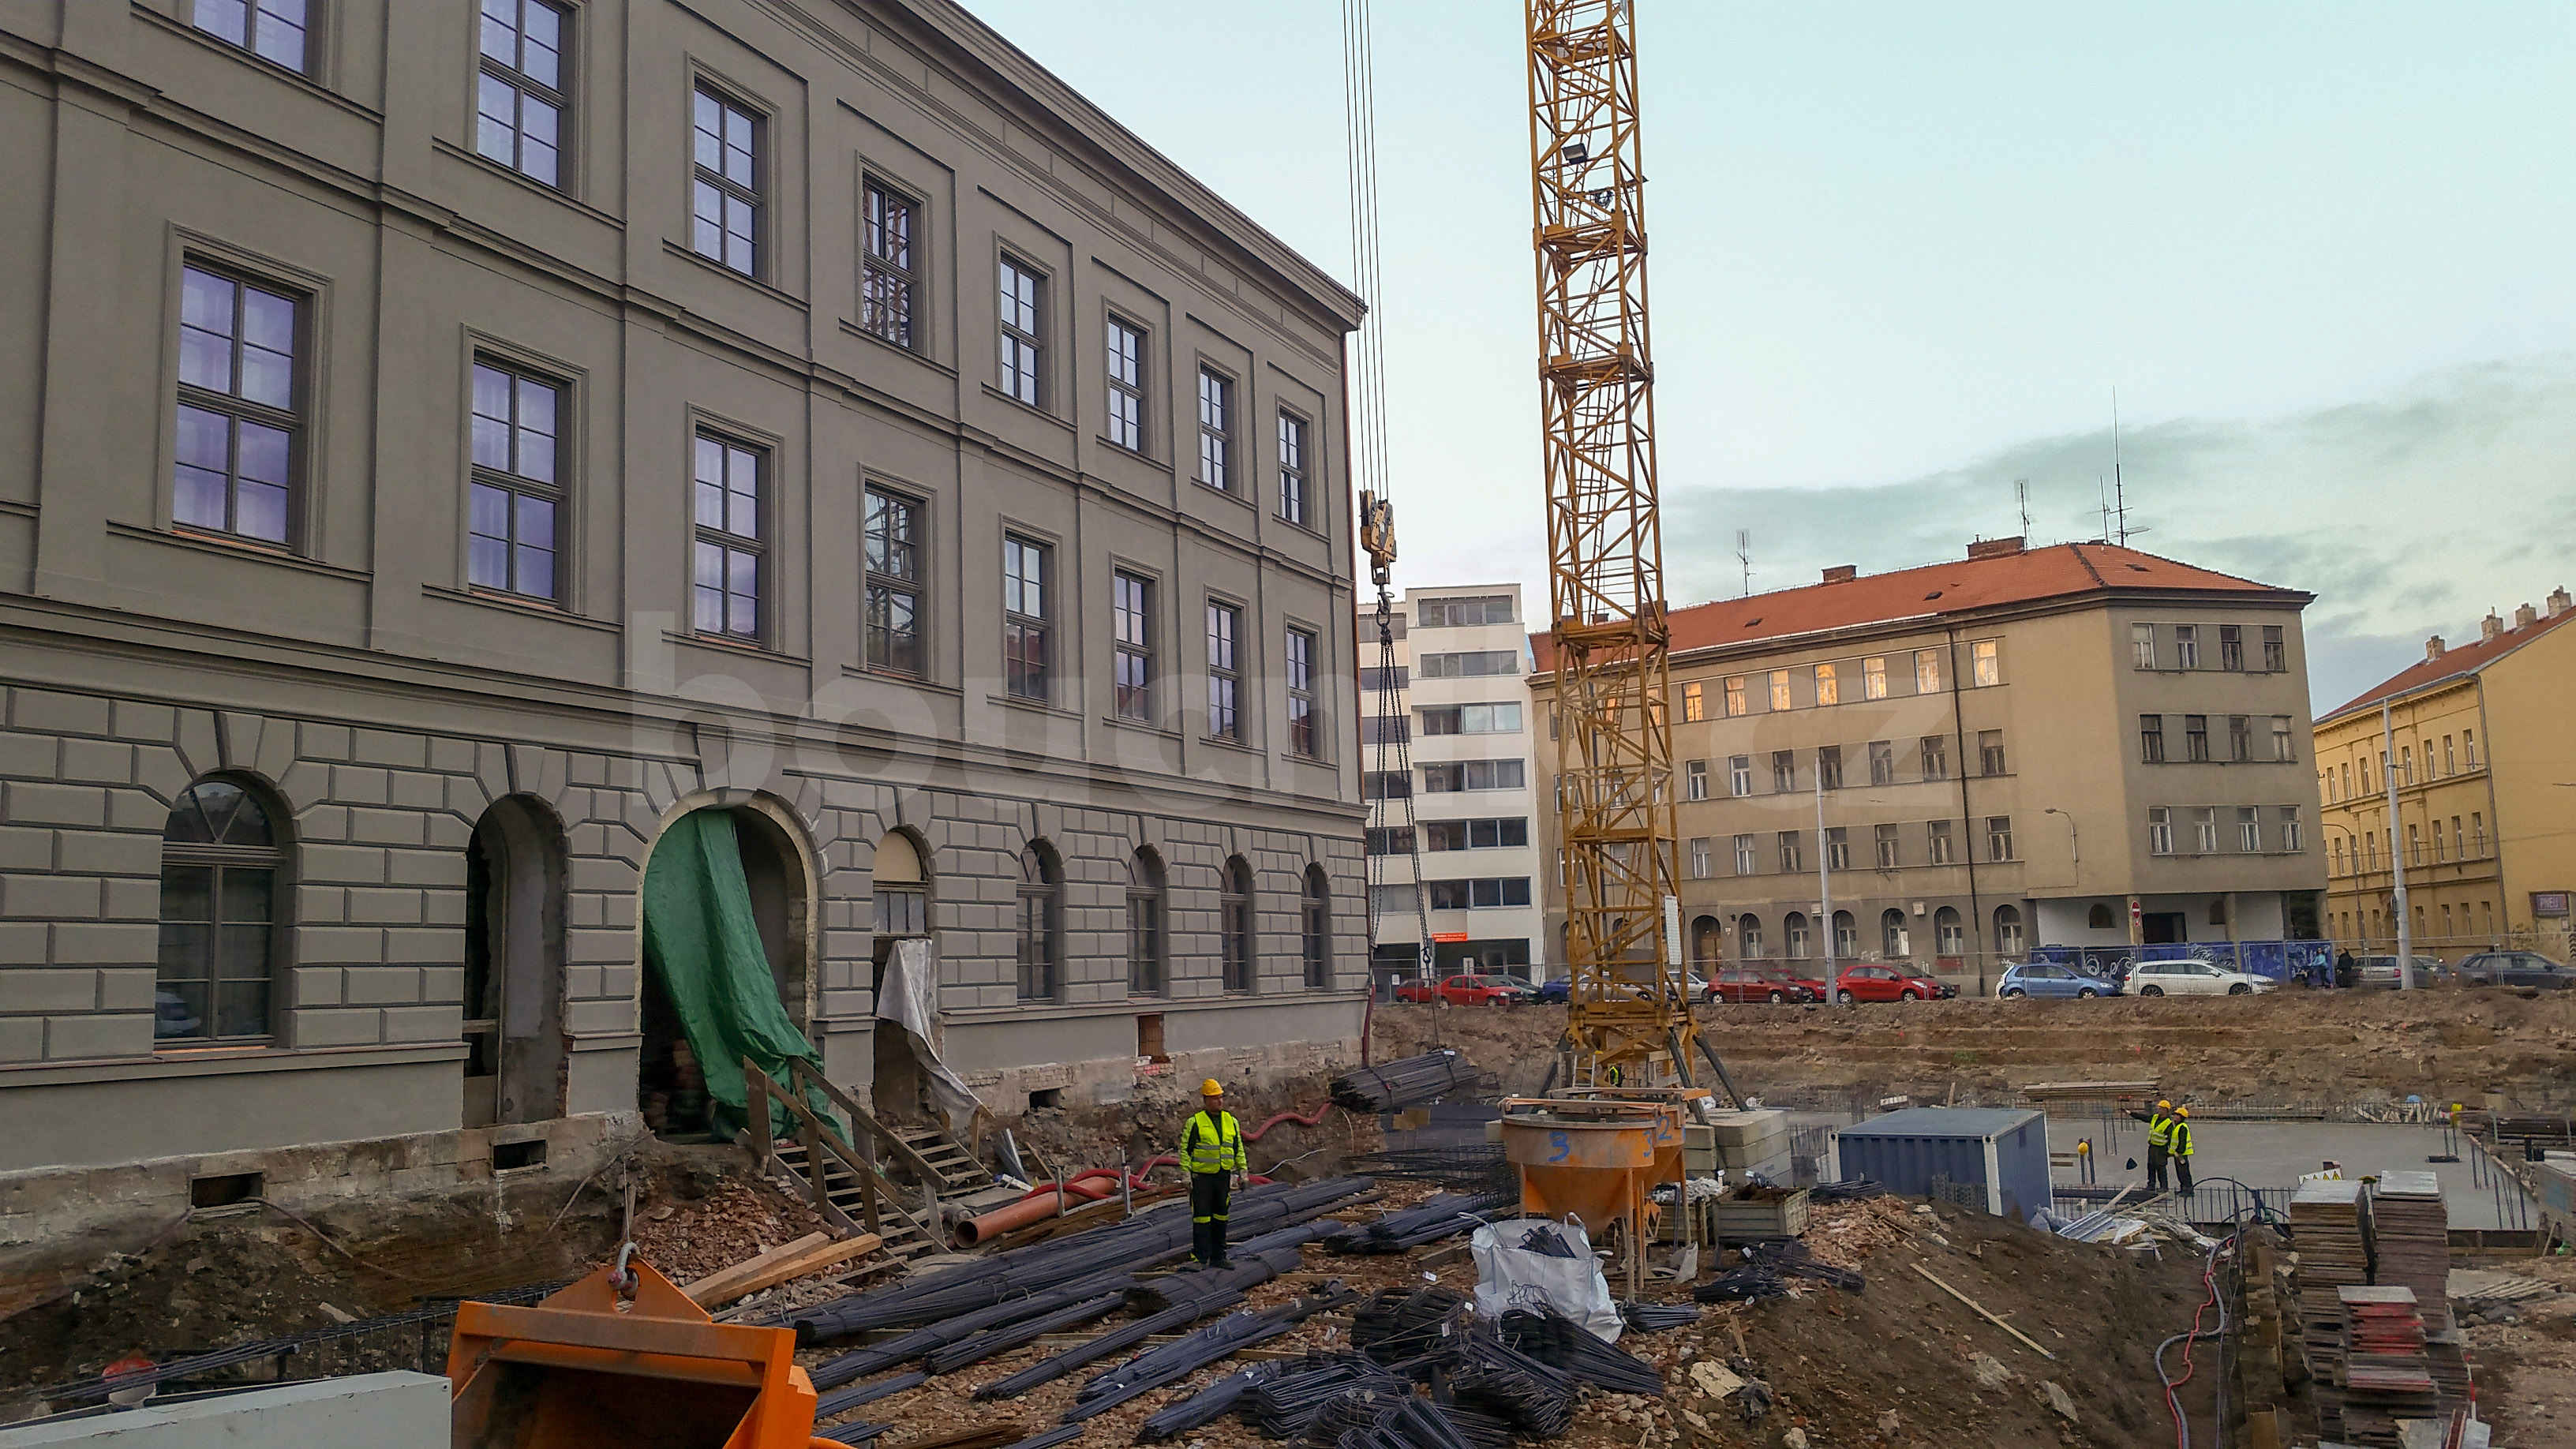 Nová Vlněna v Brně, pohled od kavárny směrem do ulice Rumiště